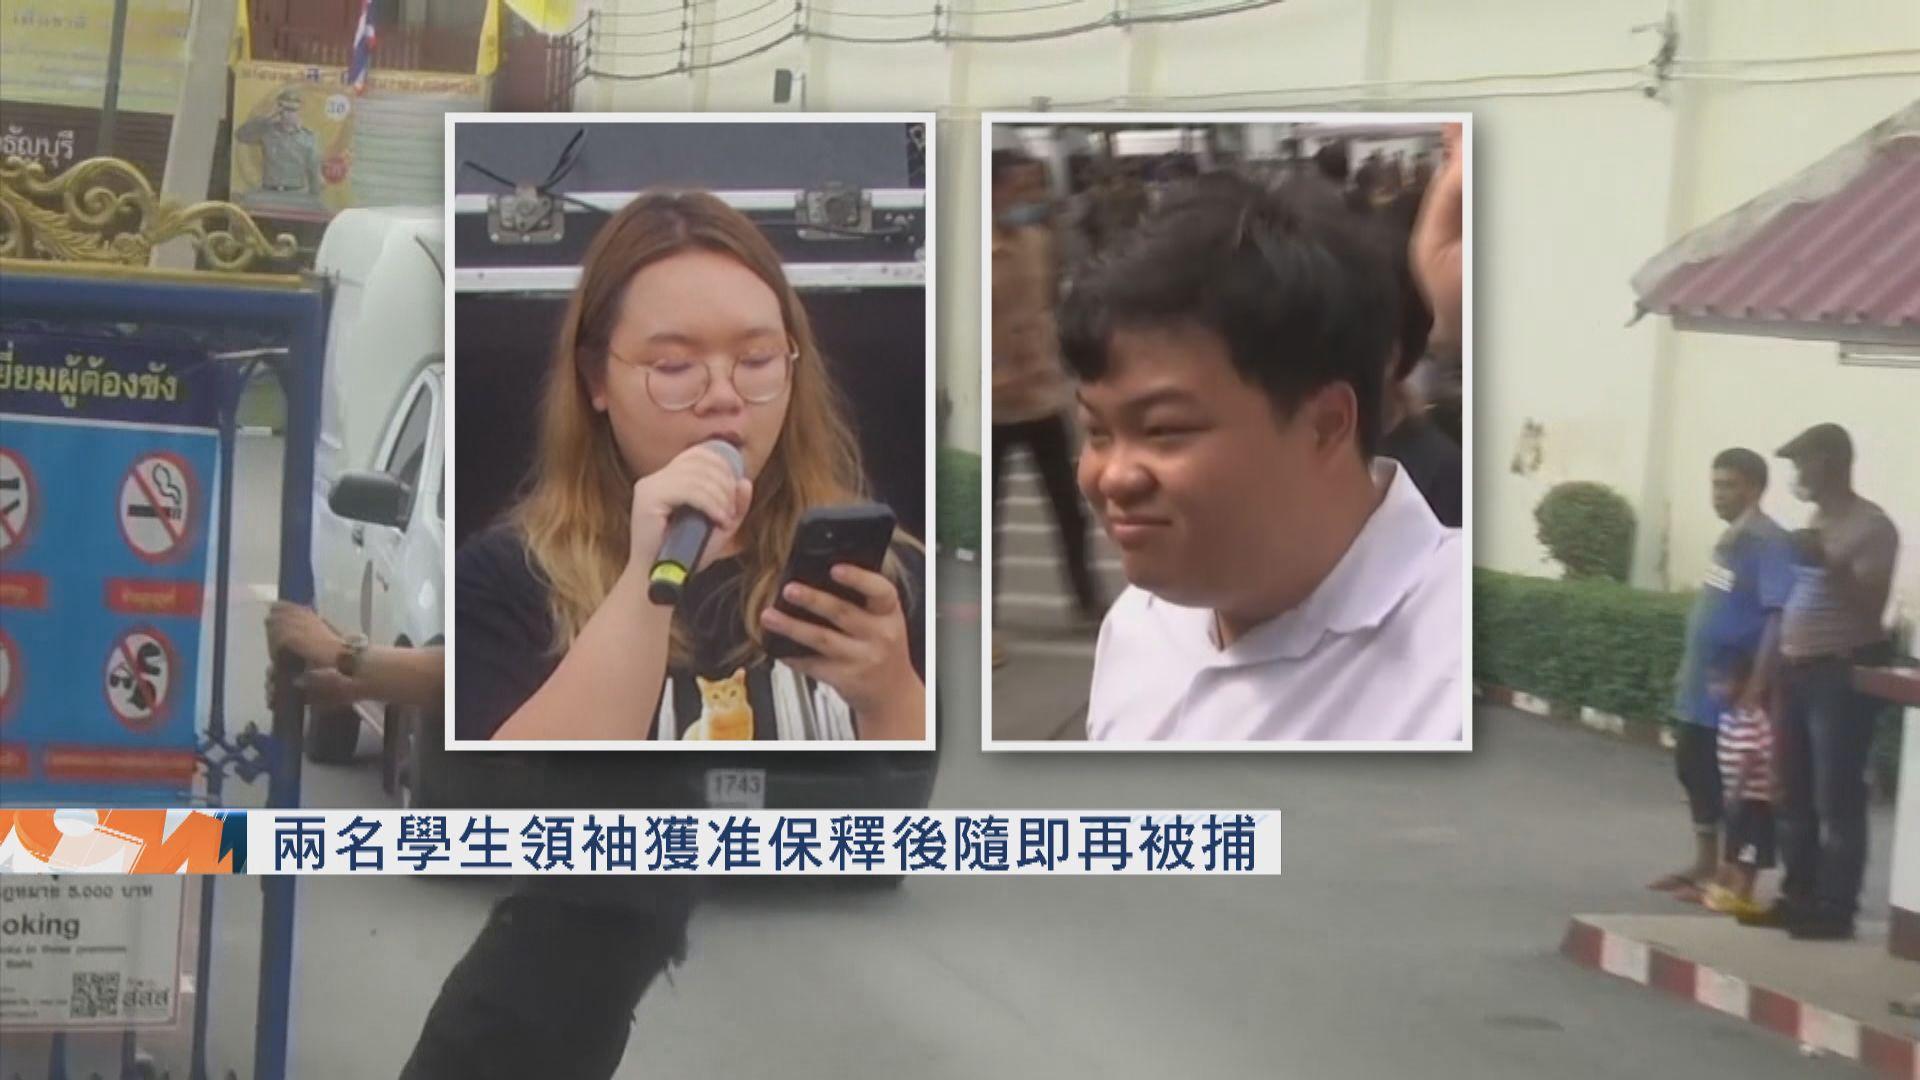 泰國兩名學生領袖獲准保釋後隨即再被捕